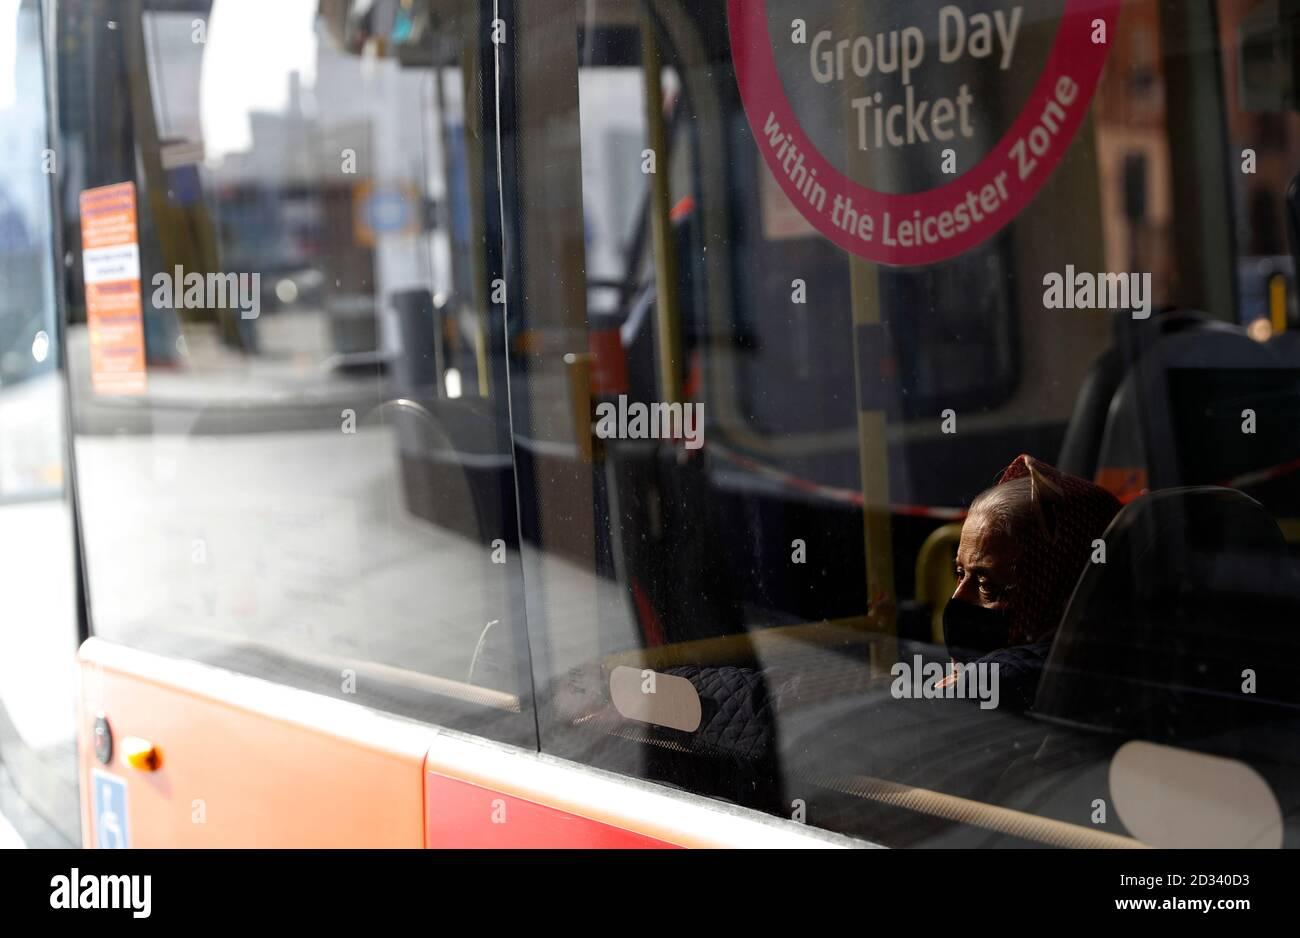 Leicester, Leicestershire, Royaume-Uni. 7 octobre 2020. Une femme voyage dans un bus 100 jours depuis l'annonce du premier confinement en cas de pandémie du coronavirus local à UKÕs dans la ville. Credit Darren Staples/Alay Live News. Banque D'Images